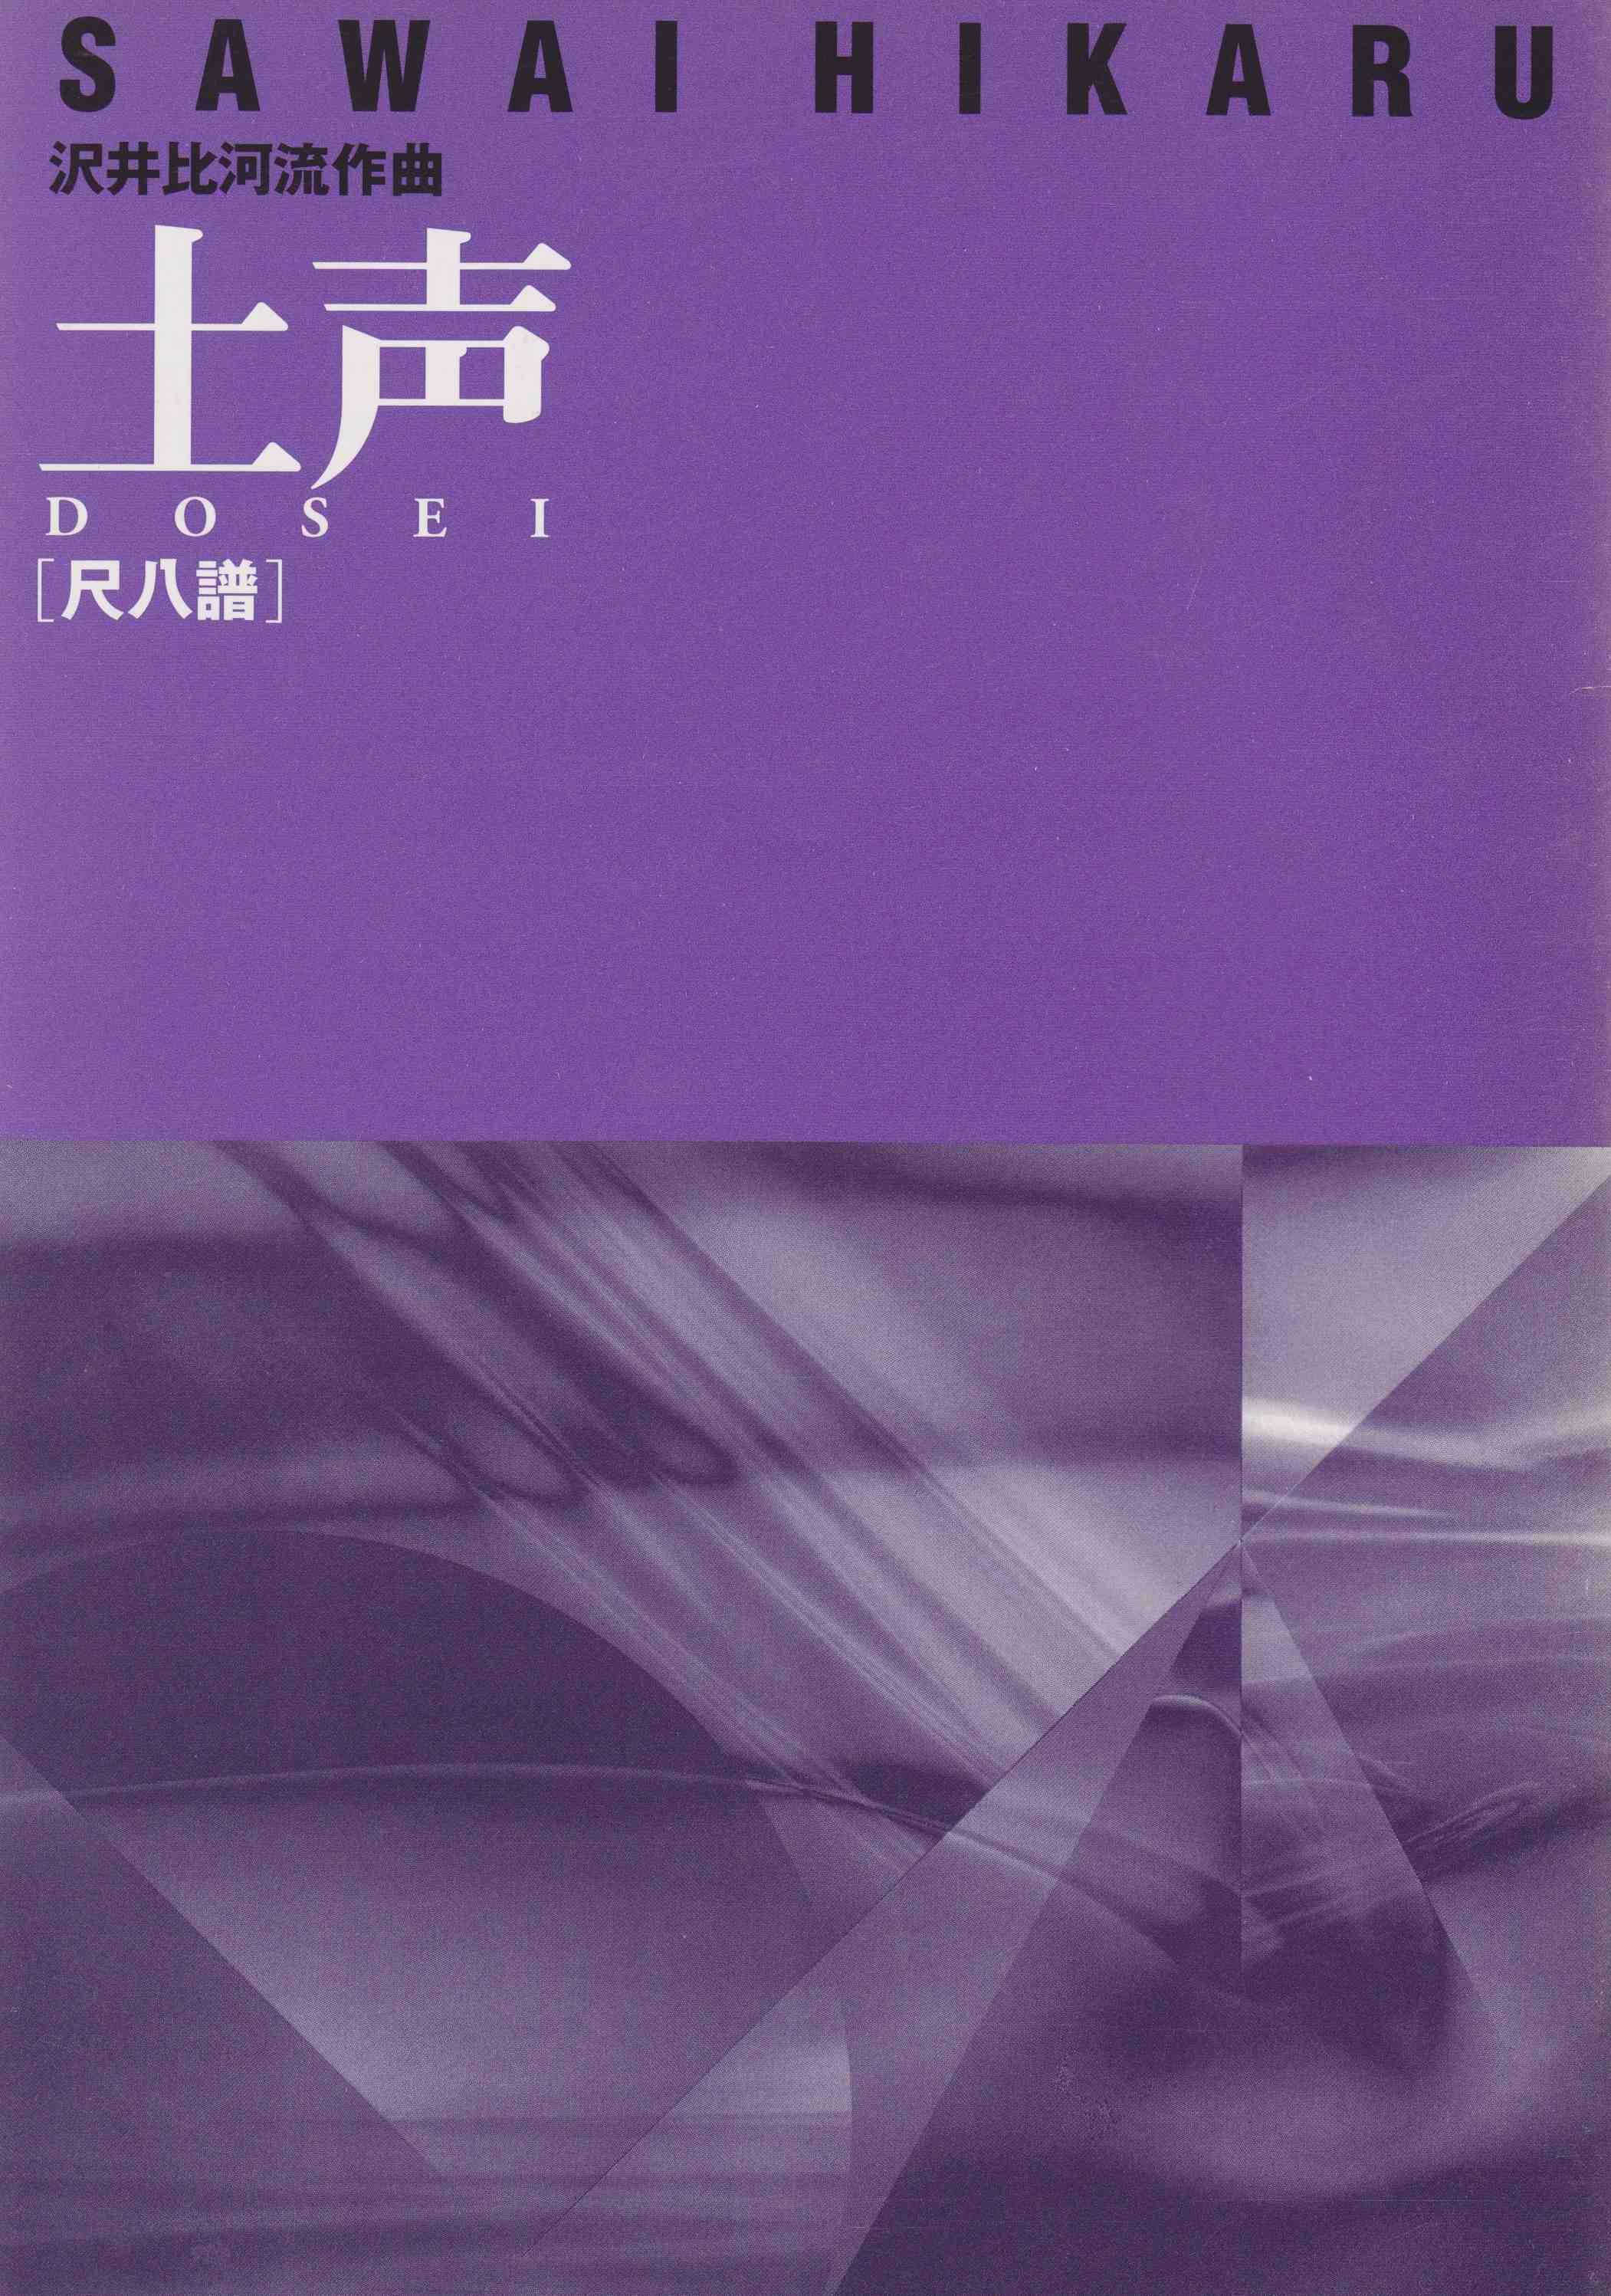 土声(尺八譜)[5047-2]